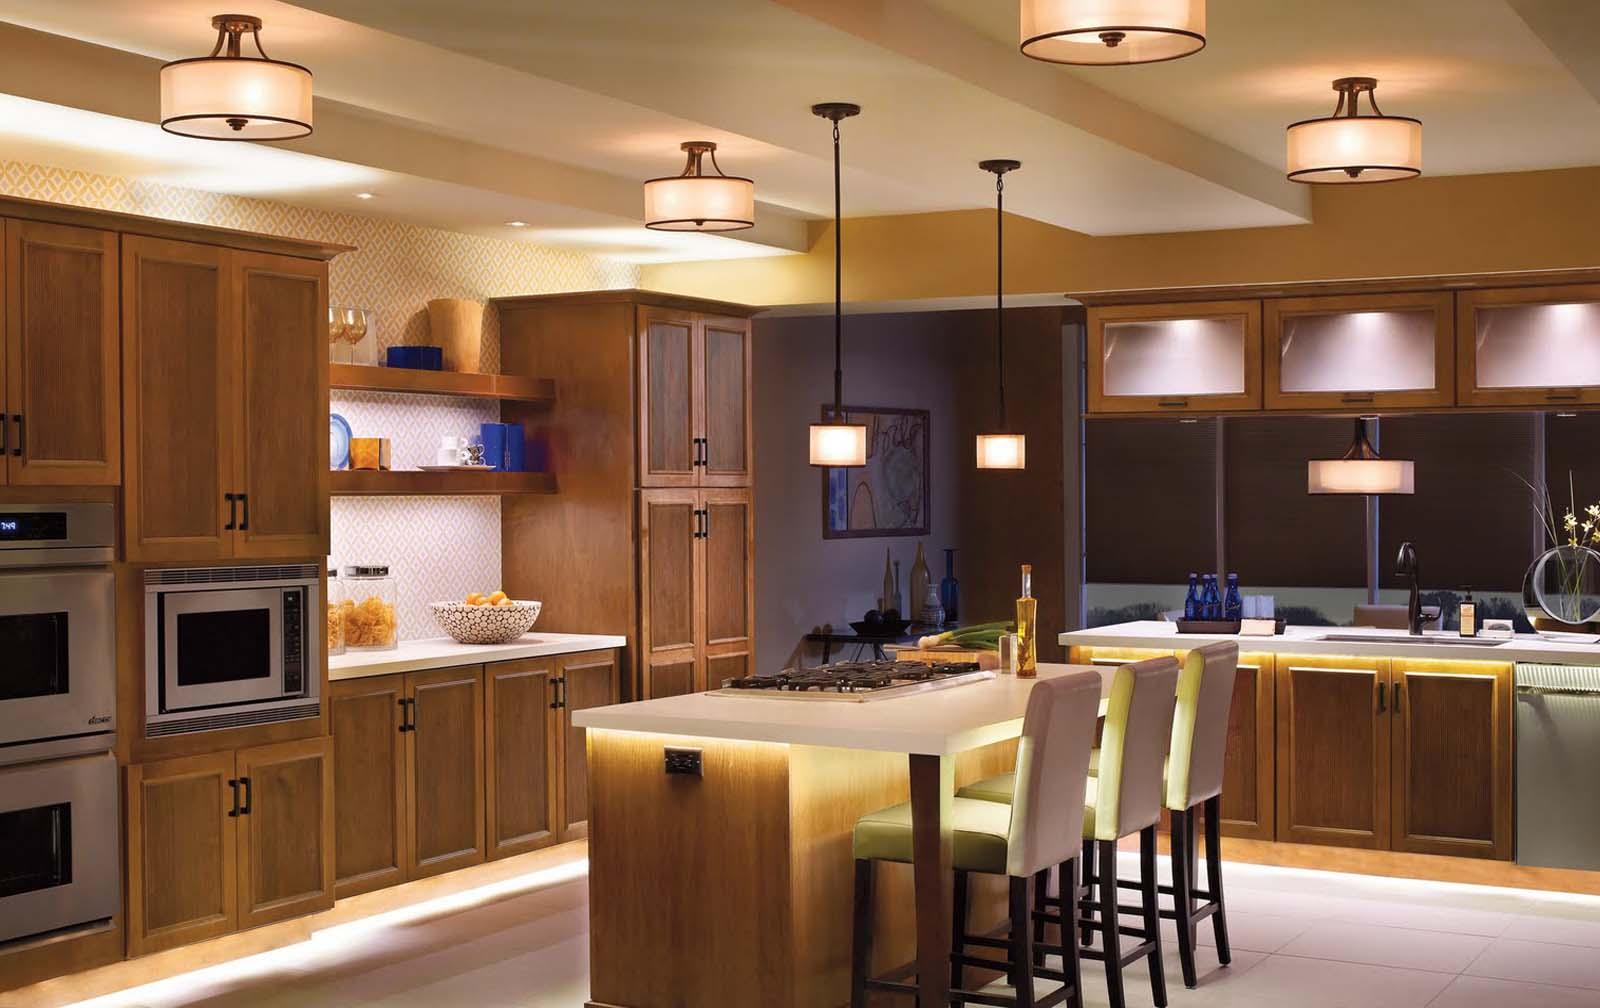 Свет для кухни, расположенный в обеденной зоне, должен быть теплых оттенков.